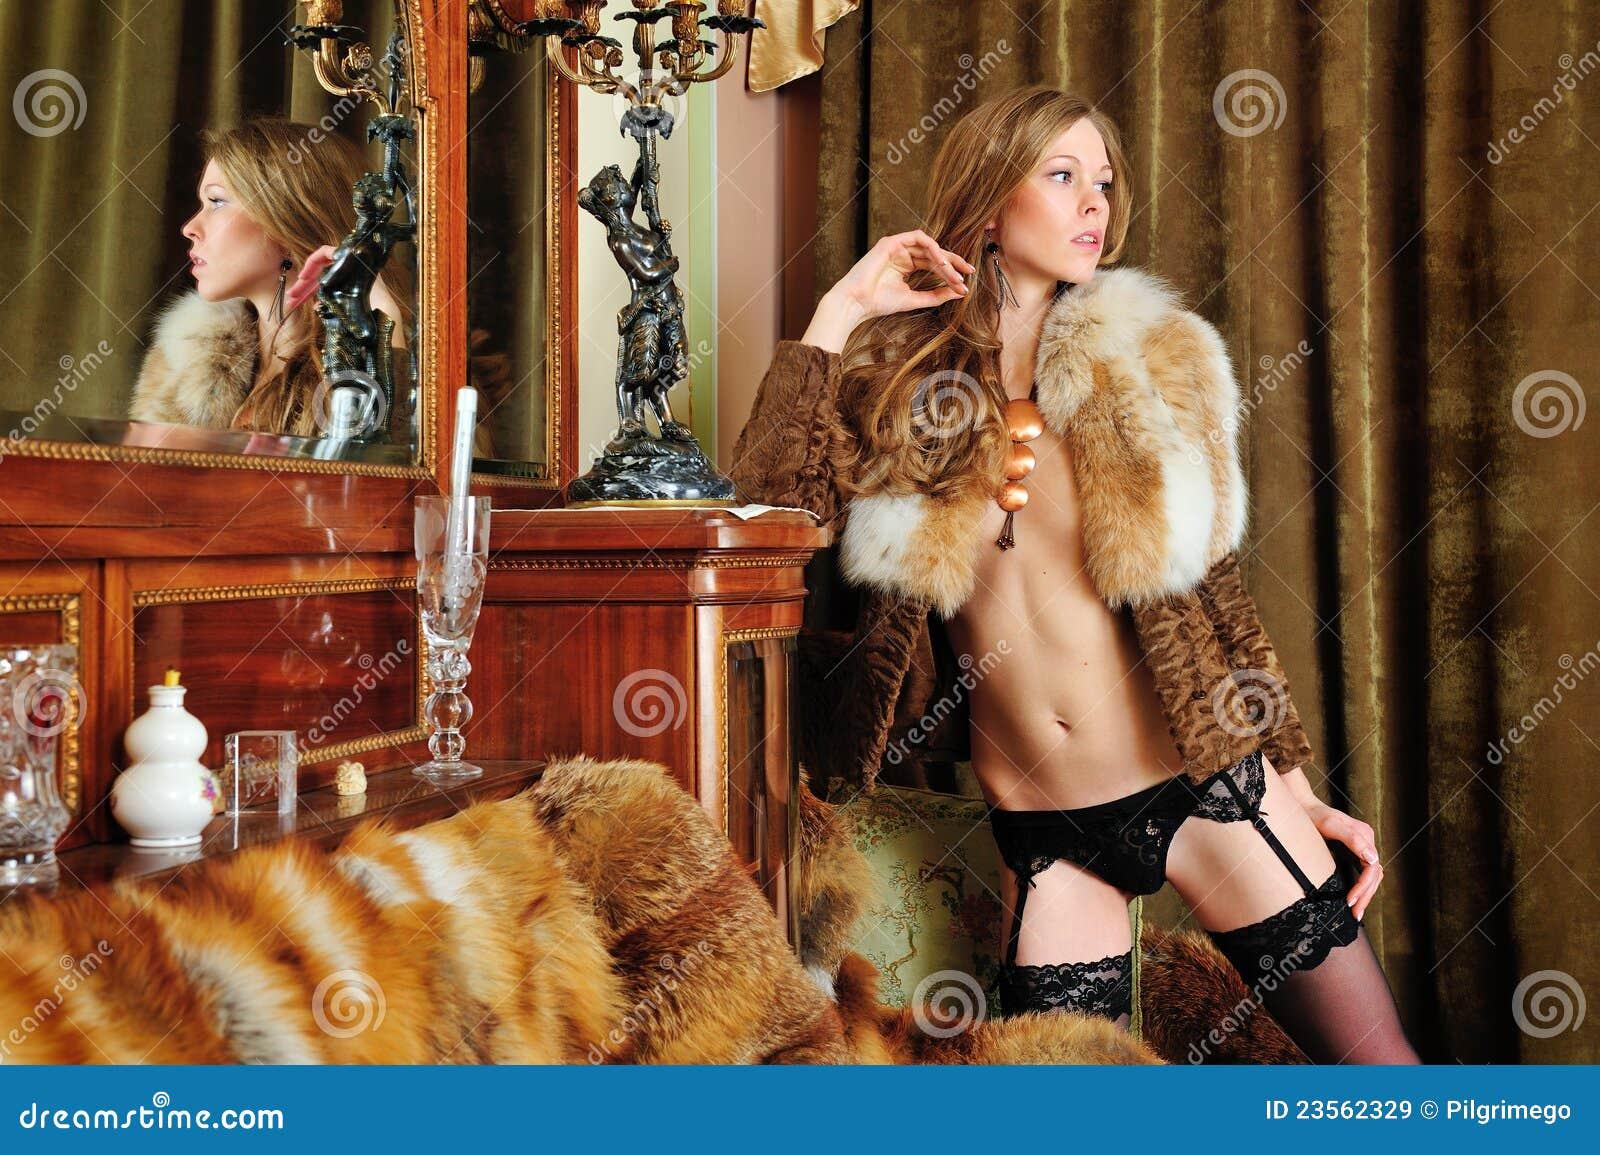 Jeune fille nue, portant seulement des manteau de fourrure